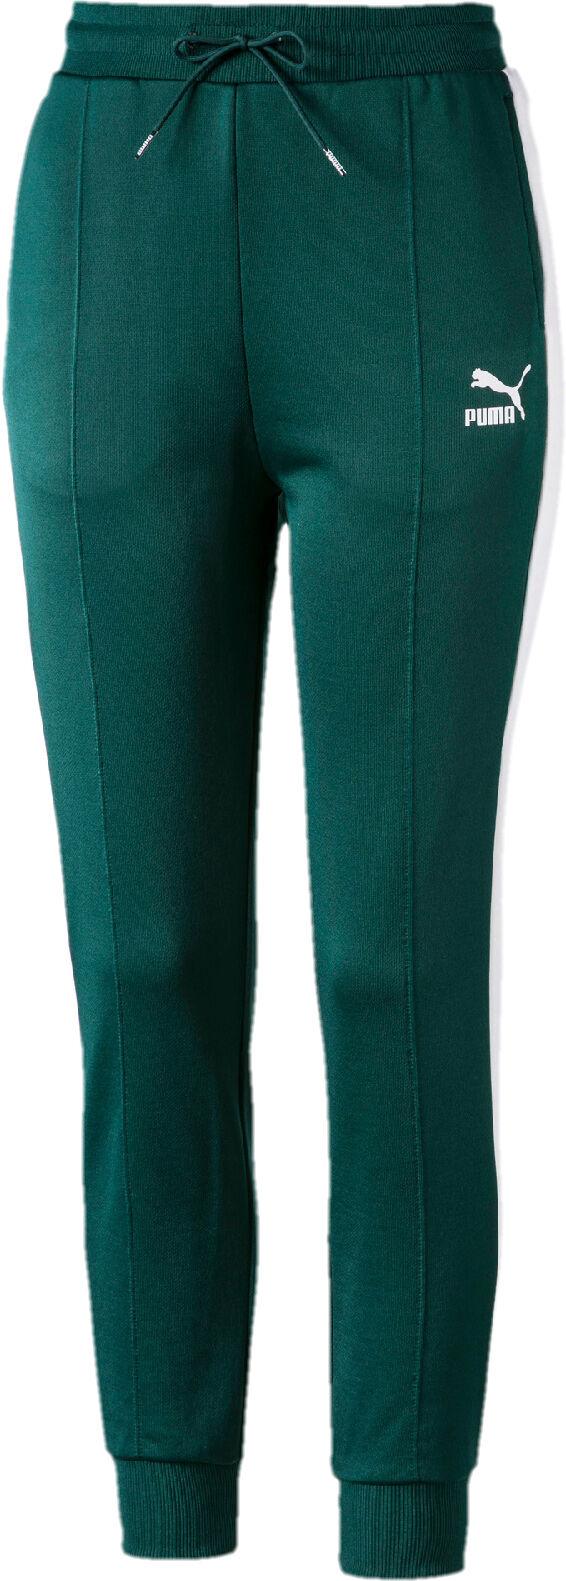 deportivas y mallas Pantalones de mujerIntersport 9IWDH2eEY